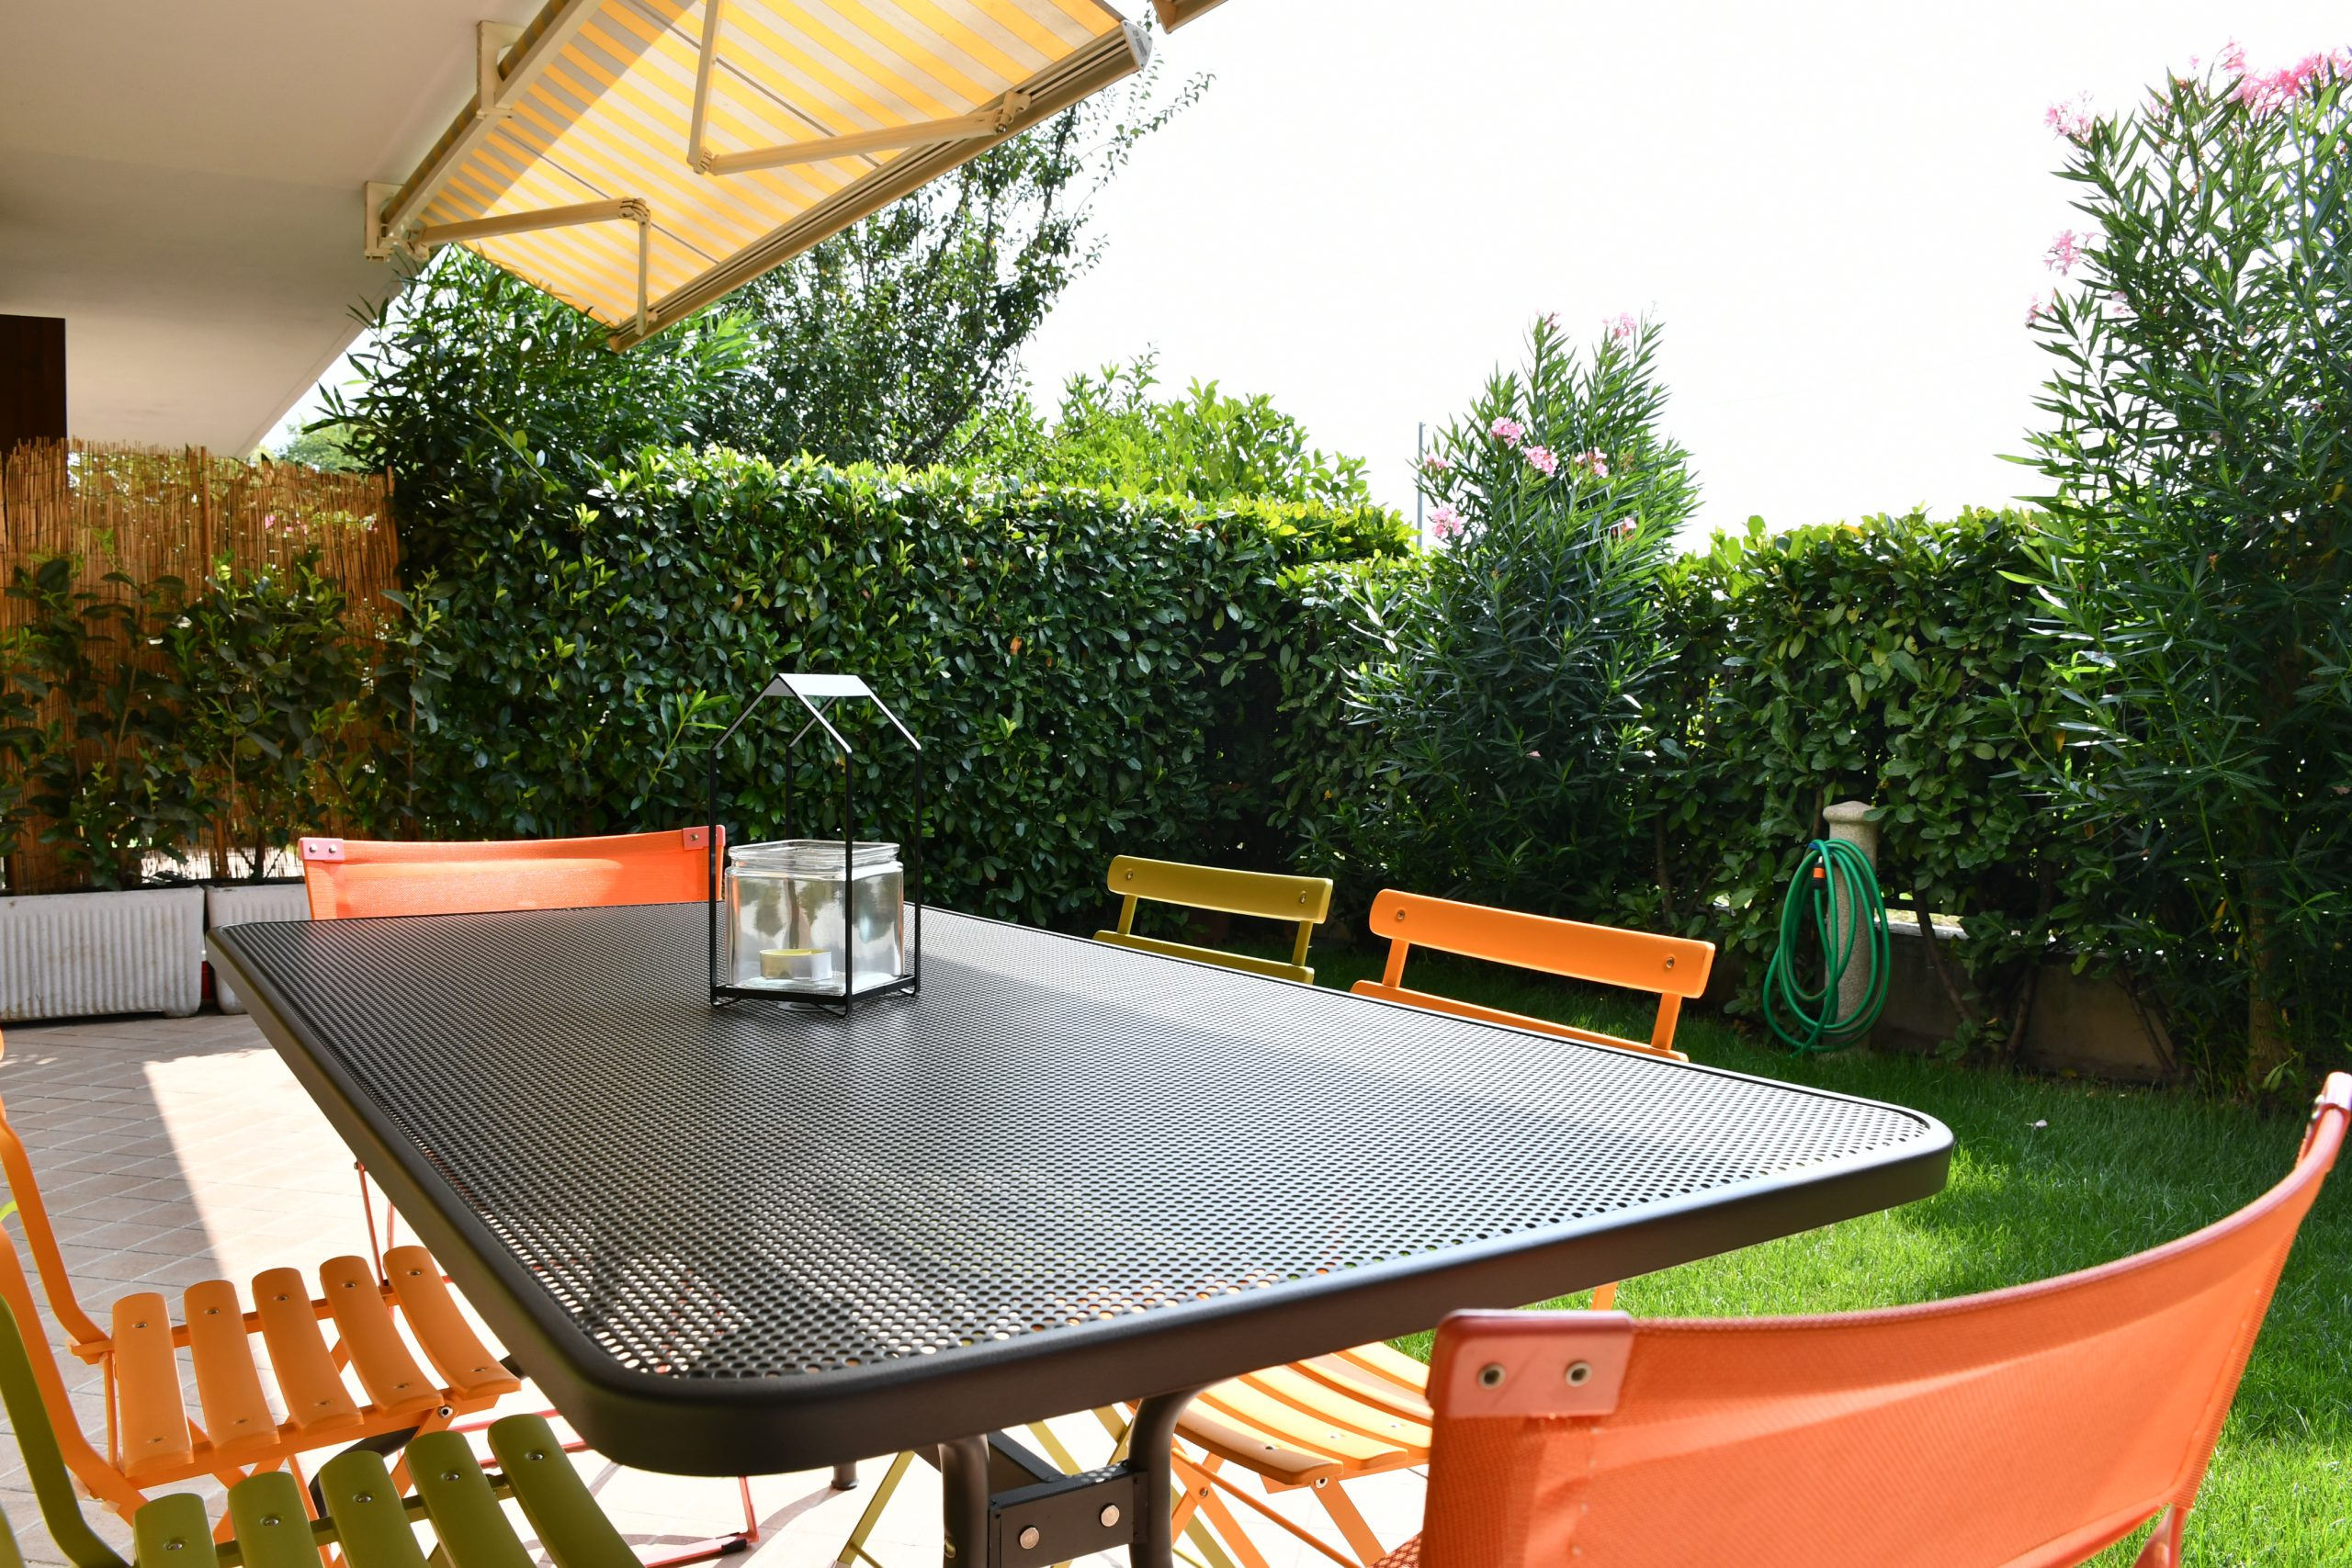 SIMONA'S HOME Apartment in Desenzano and Sirmione - Private Garden Relax area